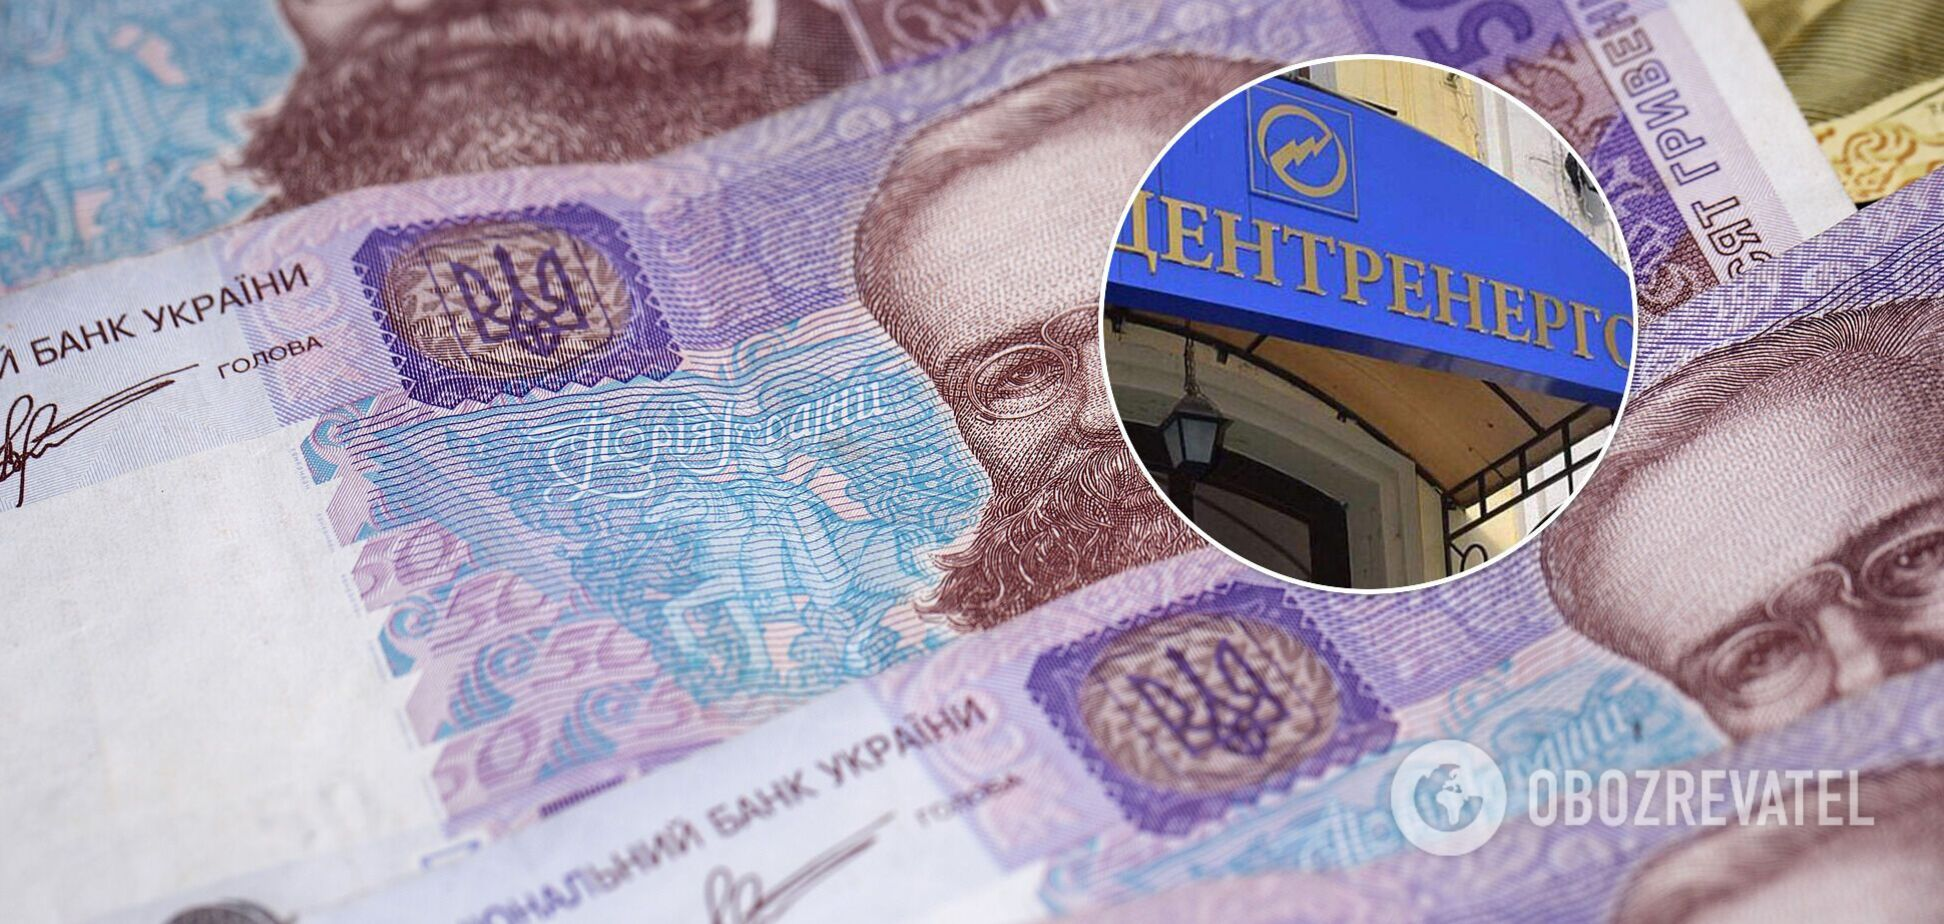 В Украине приватизируют 'Центрэнерго': названы сроки